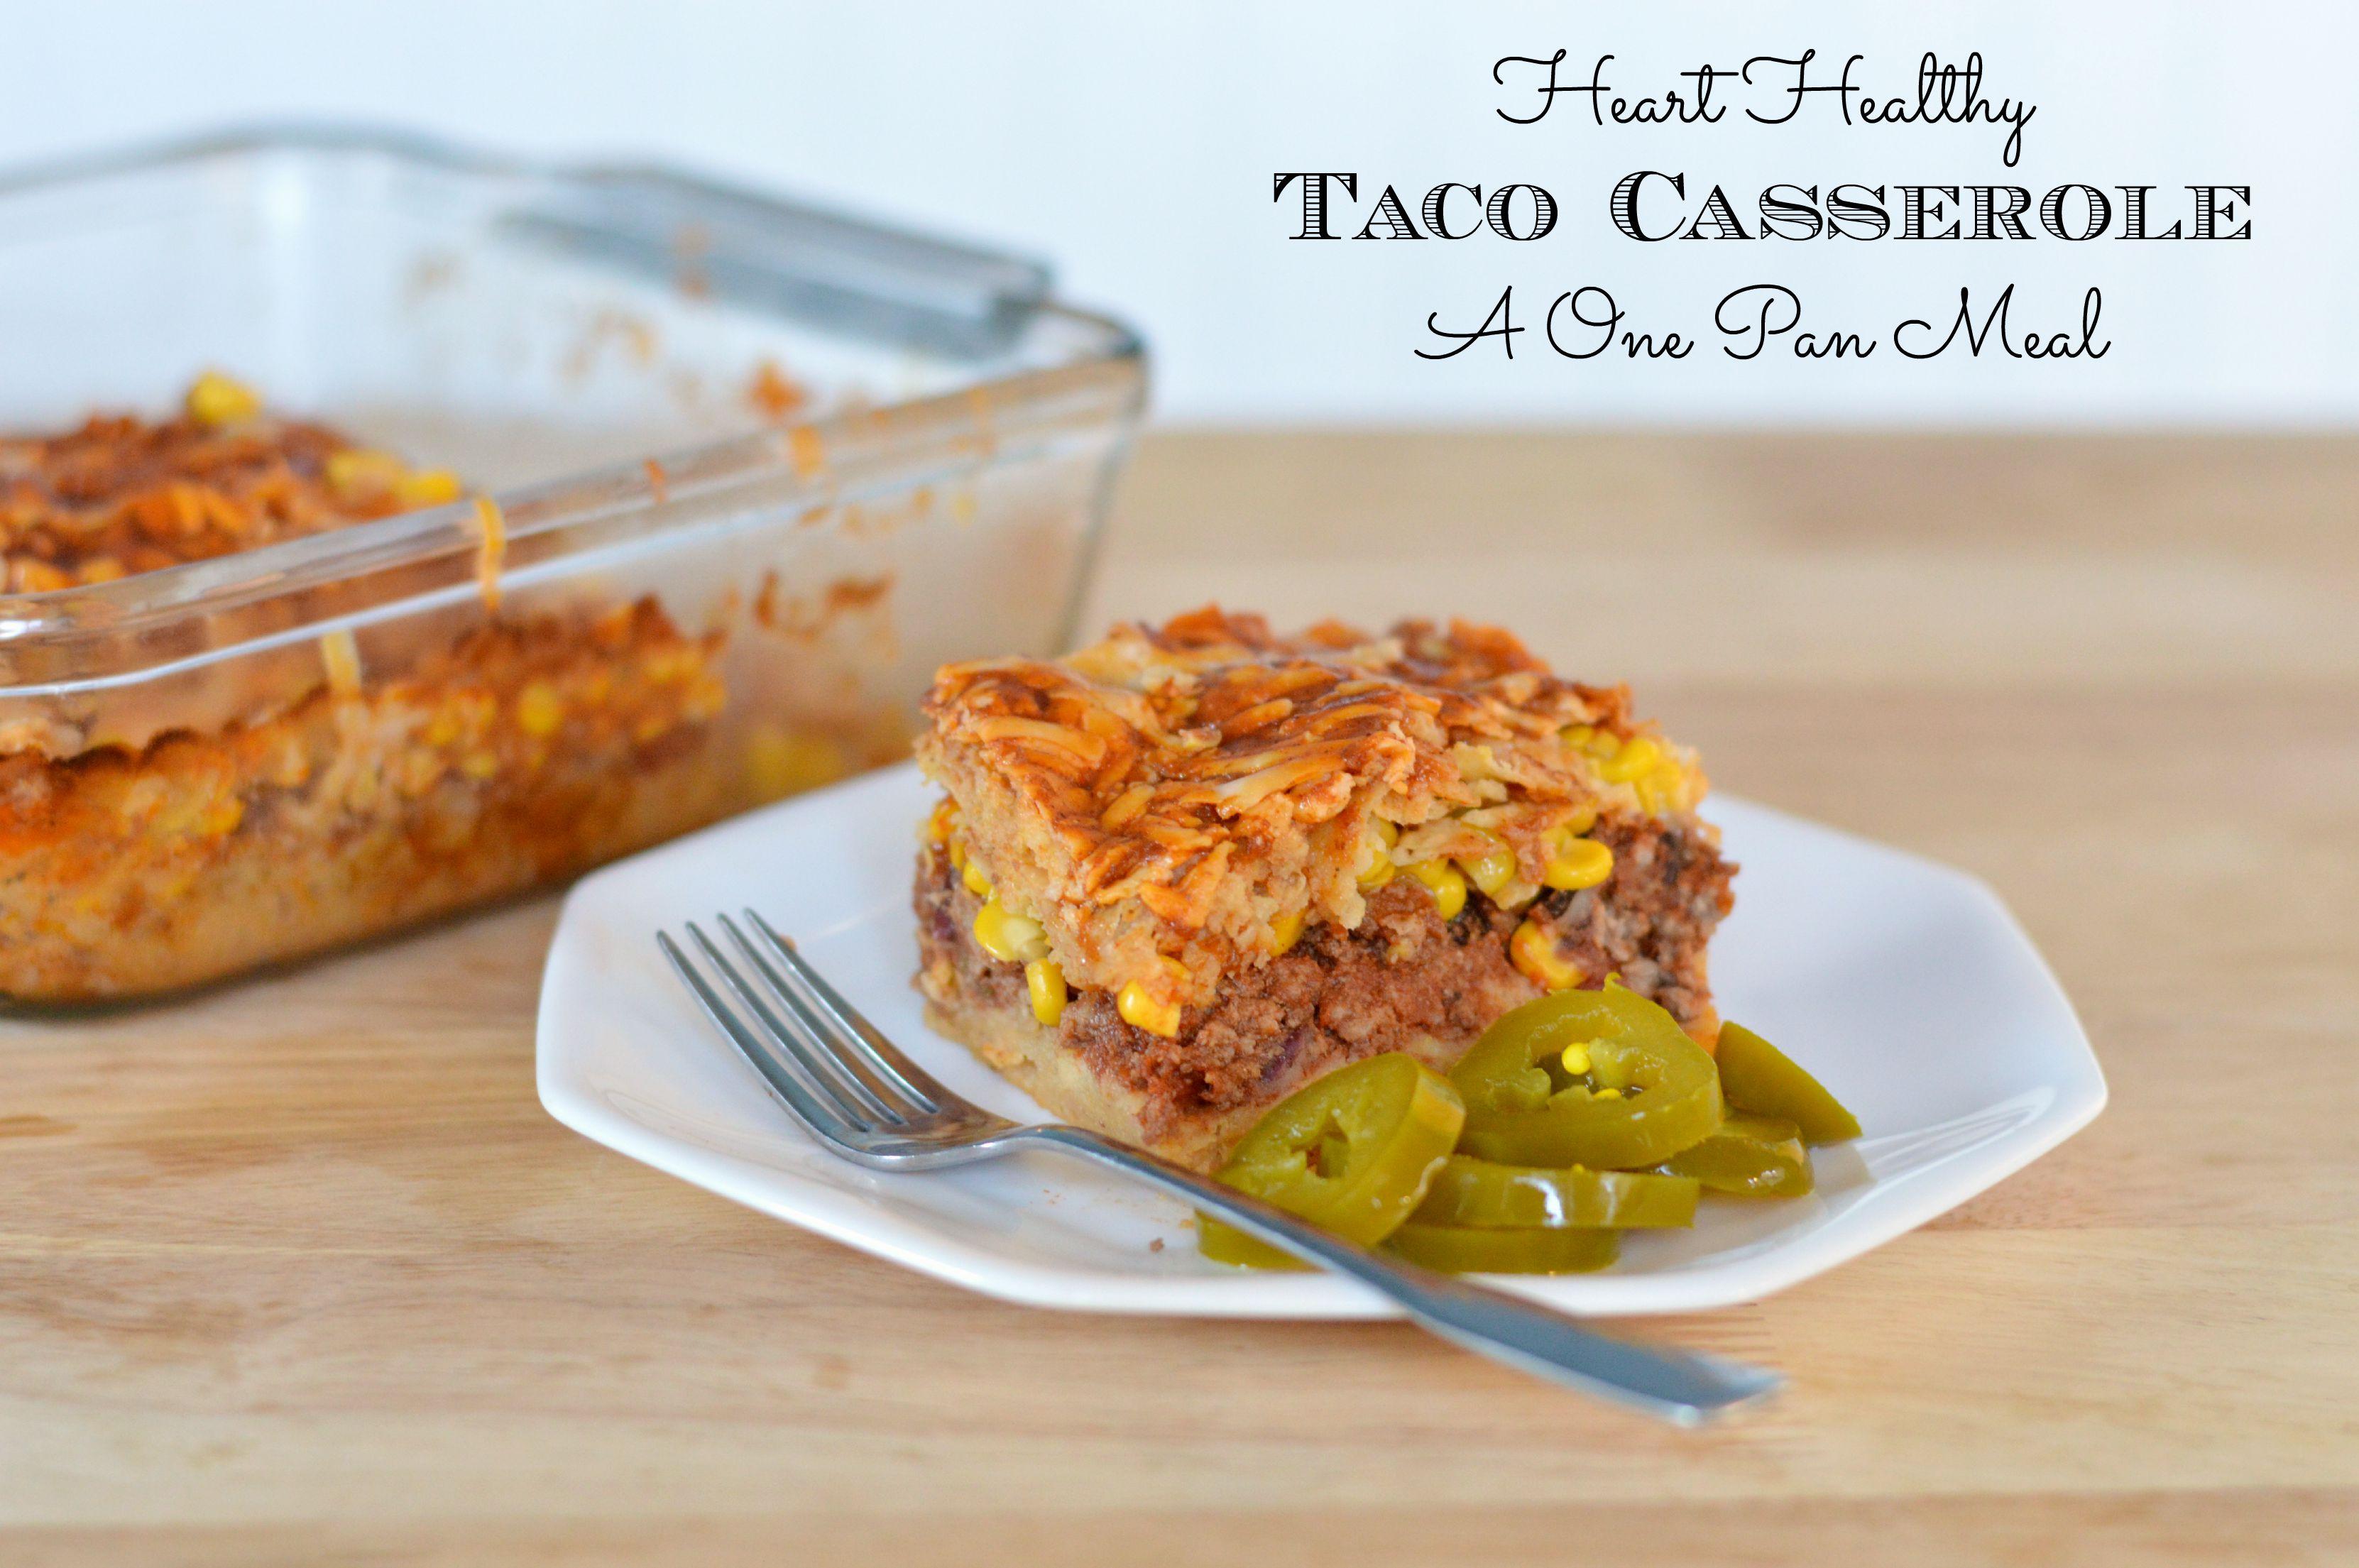 Heart Healthy Chicken Casserole  e Pan Heart Healthy Taco Casserole